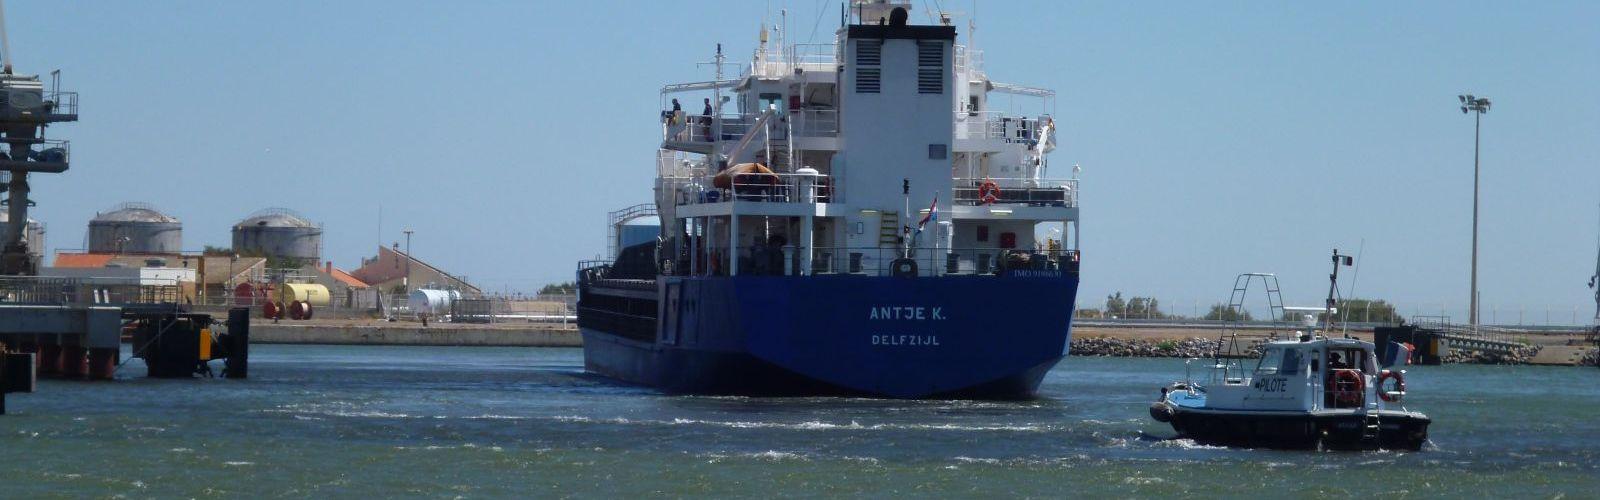 0f40d601692f T T SHIPPING Shipagent Port la Nouvelle, Sete, Arles, River Rhone ...